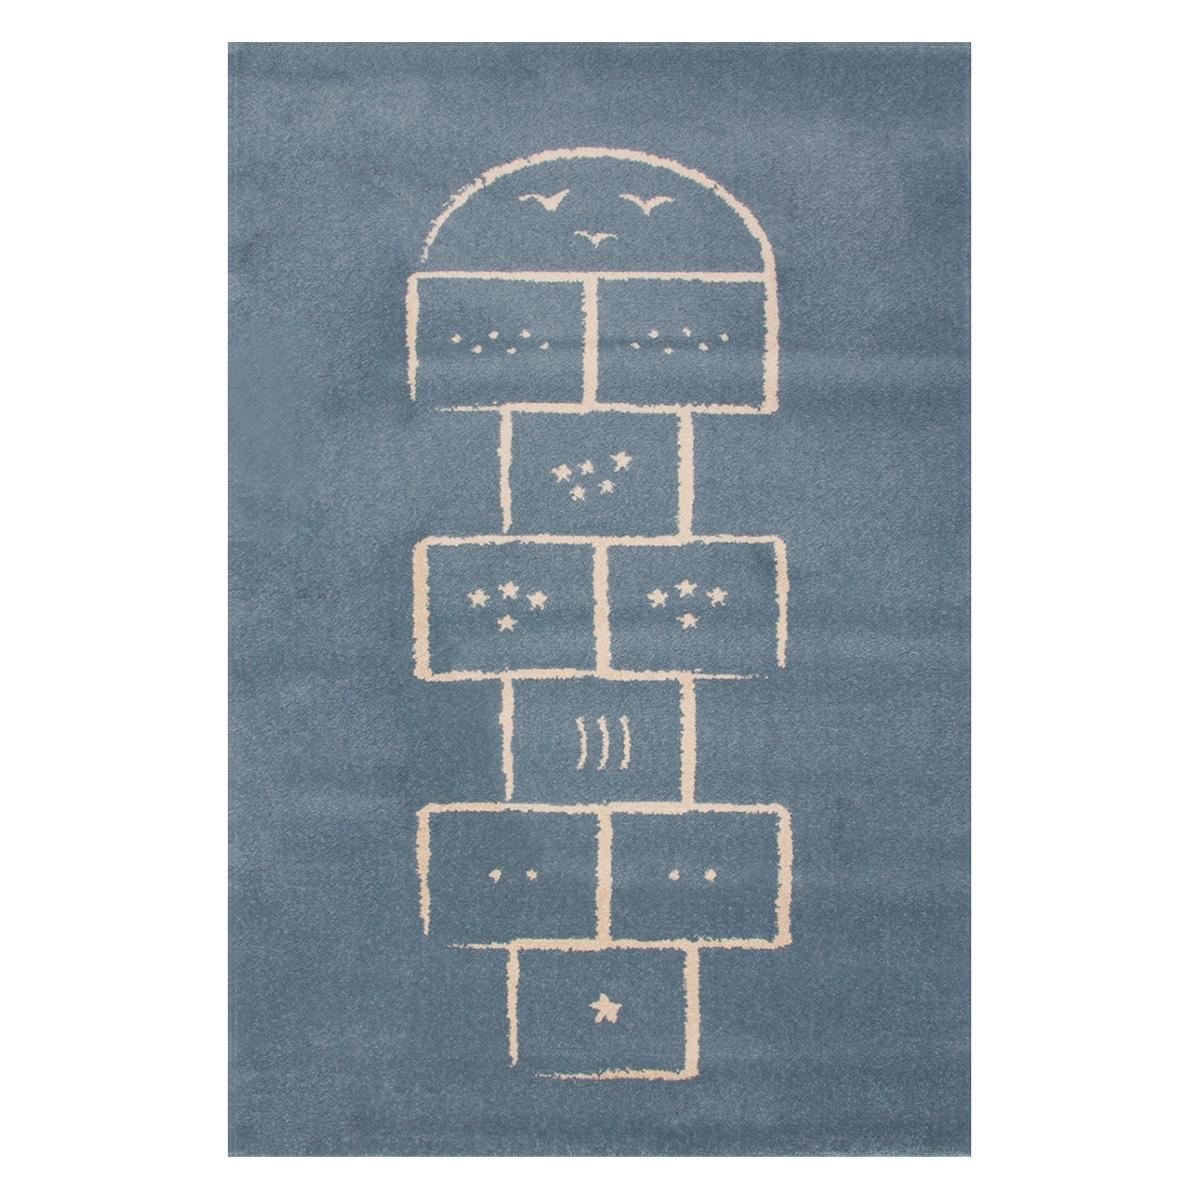 Tapis Tapis Marelle Bleu - 100 x 150 cm Tapis Marelle Bleu - 100 x 150 cm